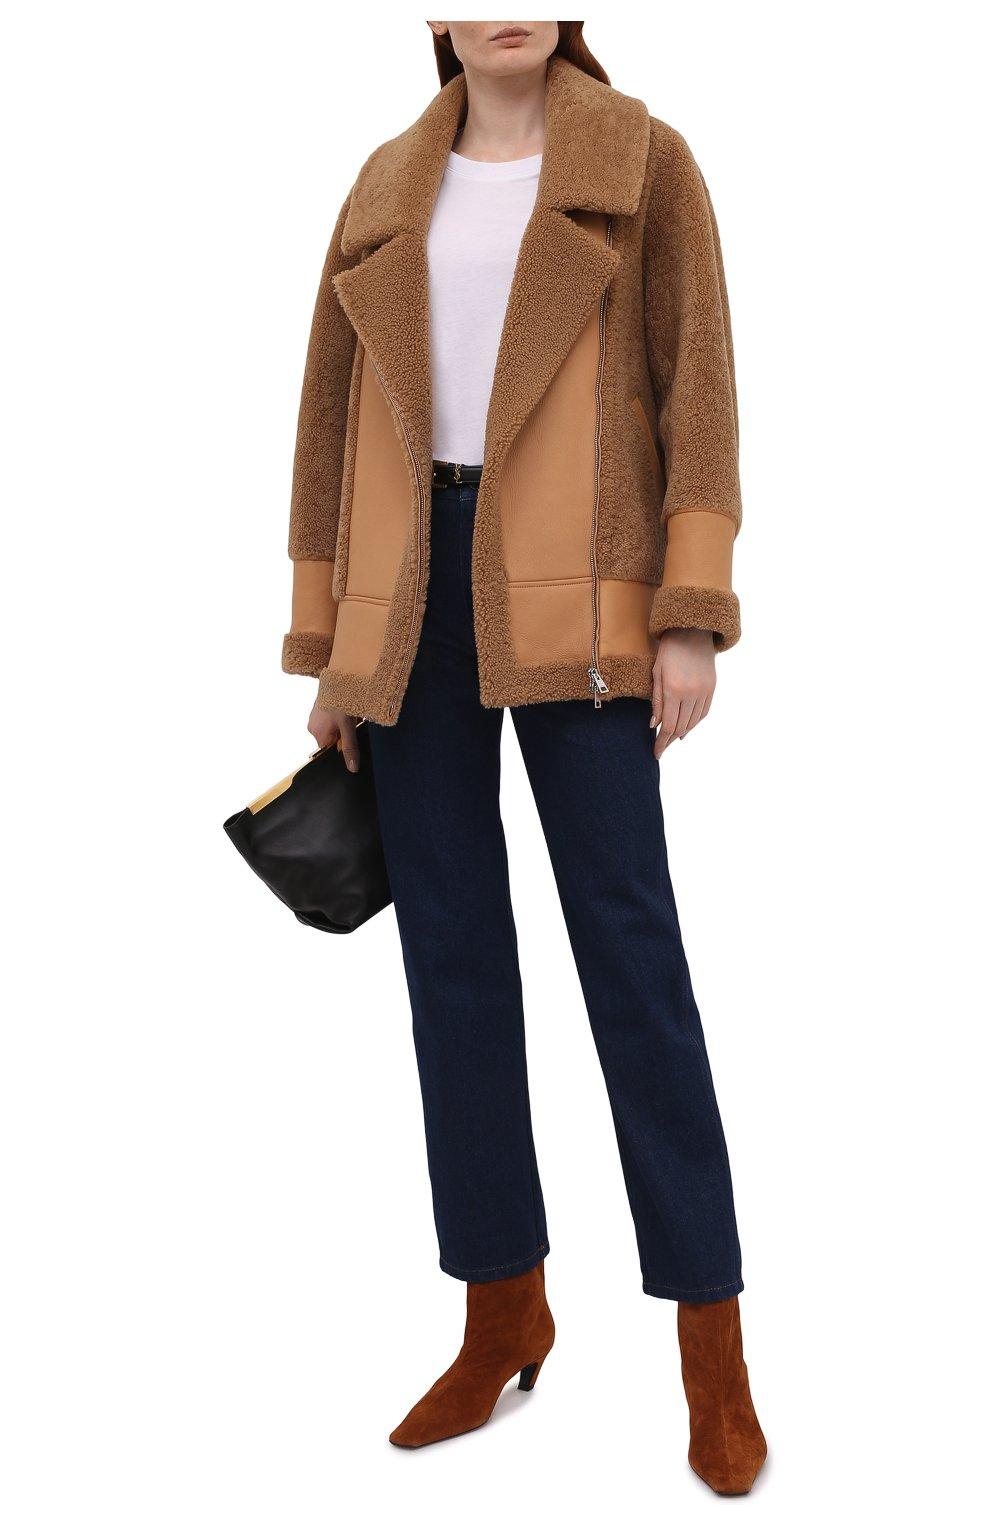 Женская дубленка BLANCHA коричневого цвета, арт. 21047/302/42/VAR. CAMMELL0   Фото 2 (Рукава: Длинные; Стили: Гламурный; Материал внешний: Натуральный мех; Длина (верхняя одежда): Короткие)